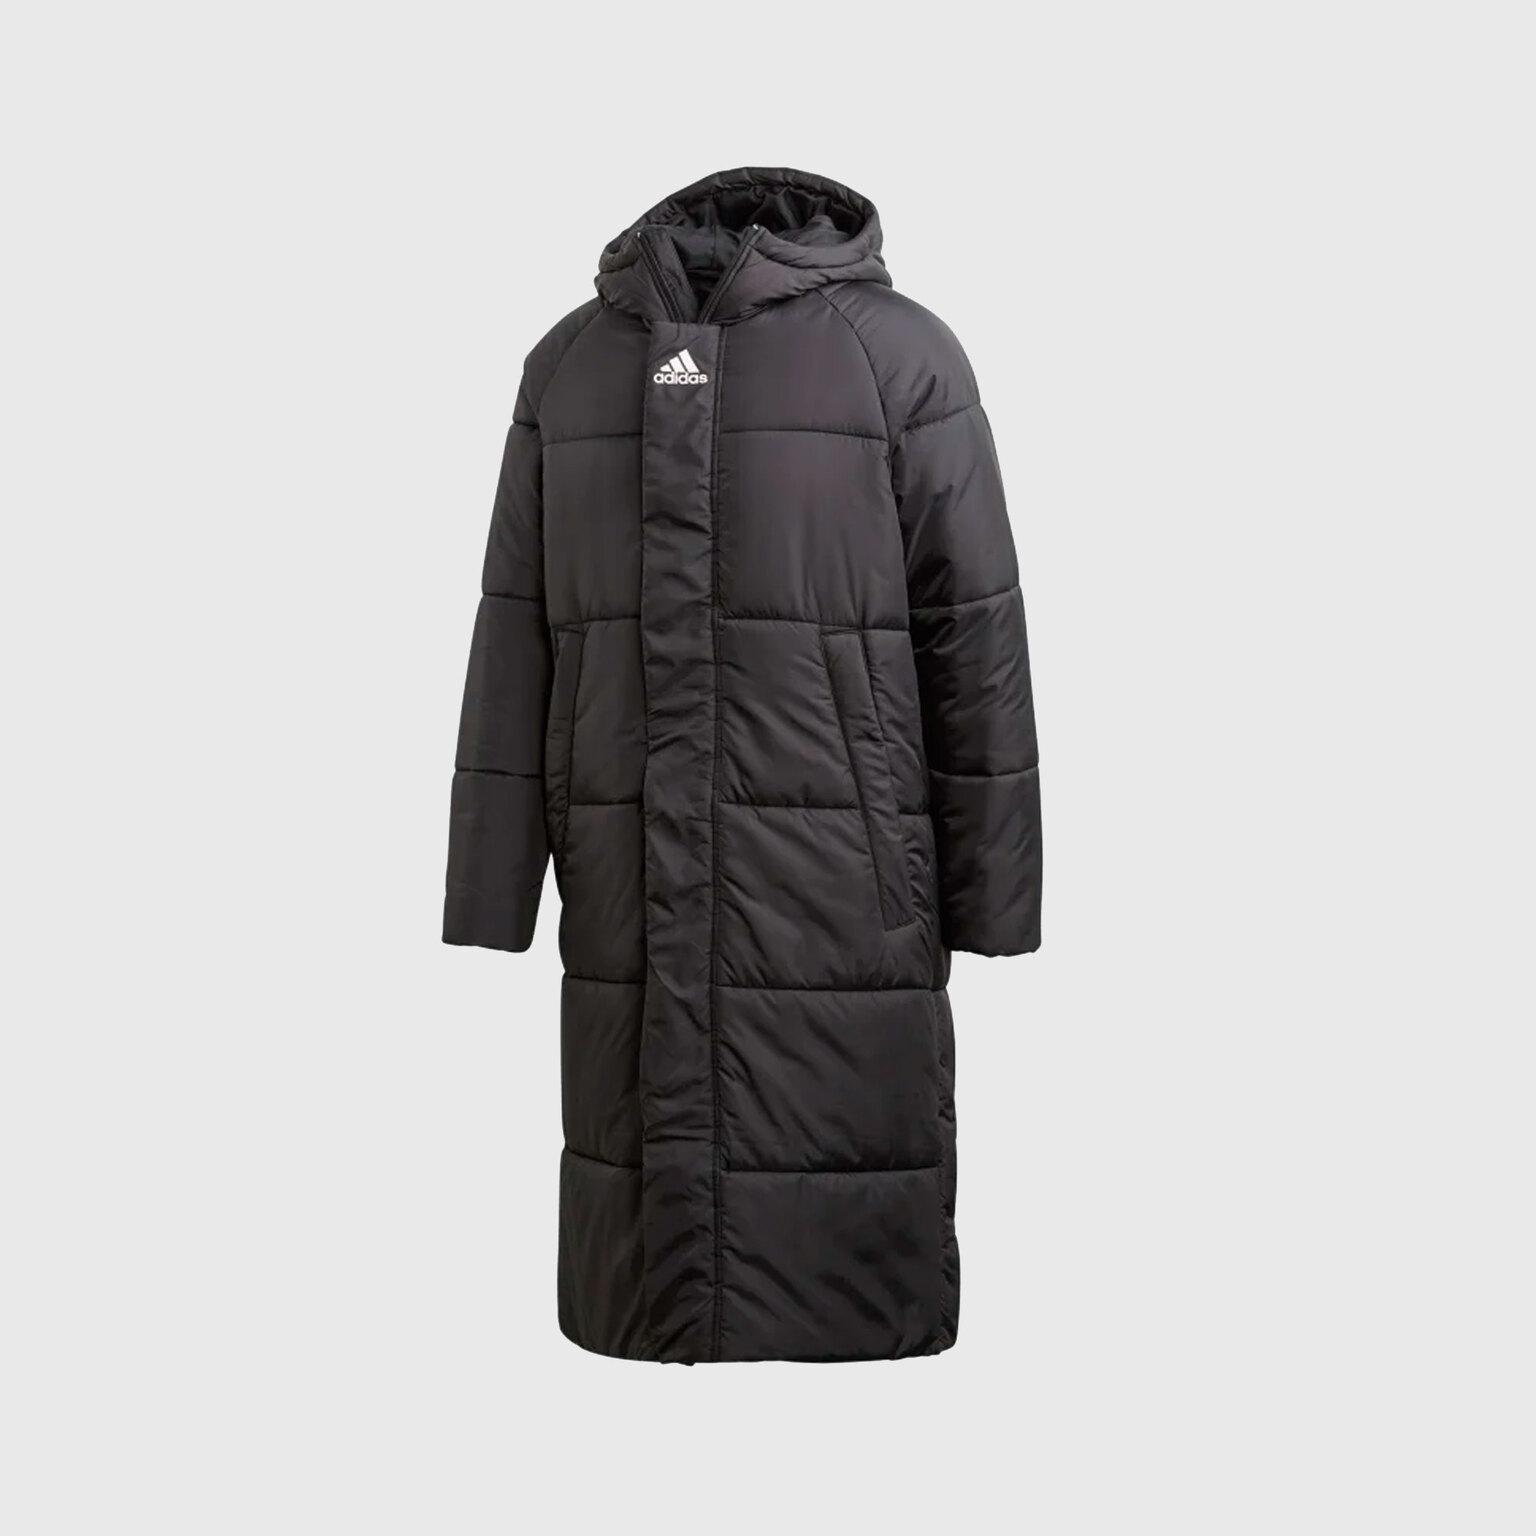 Куртка утепленная Adidas Big Baffle Long DZ1436